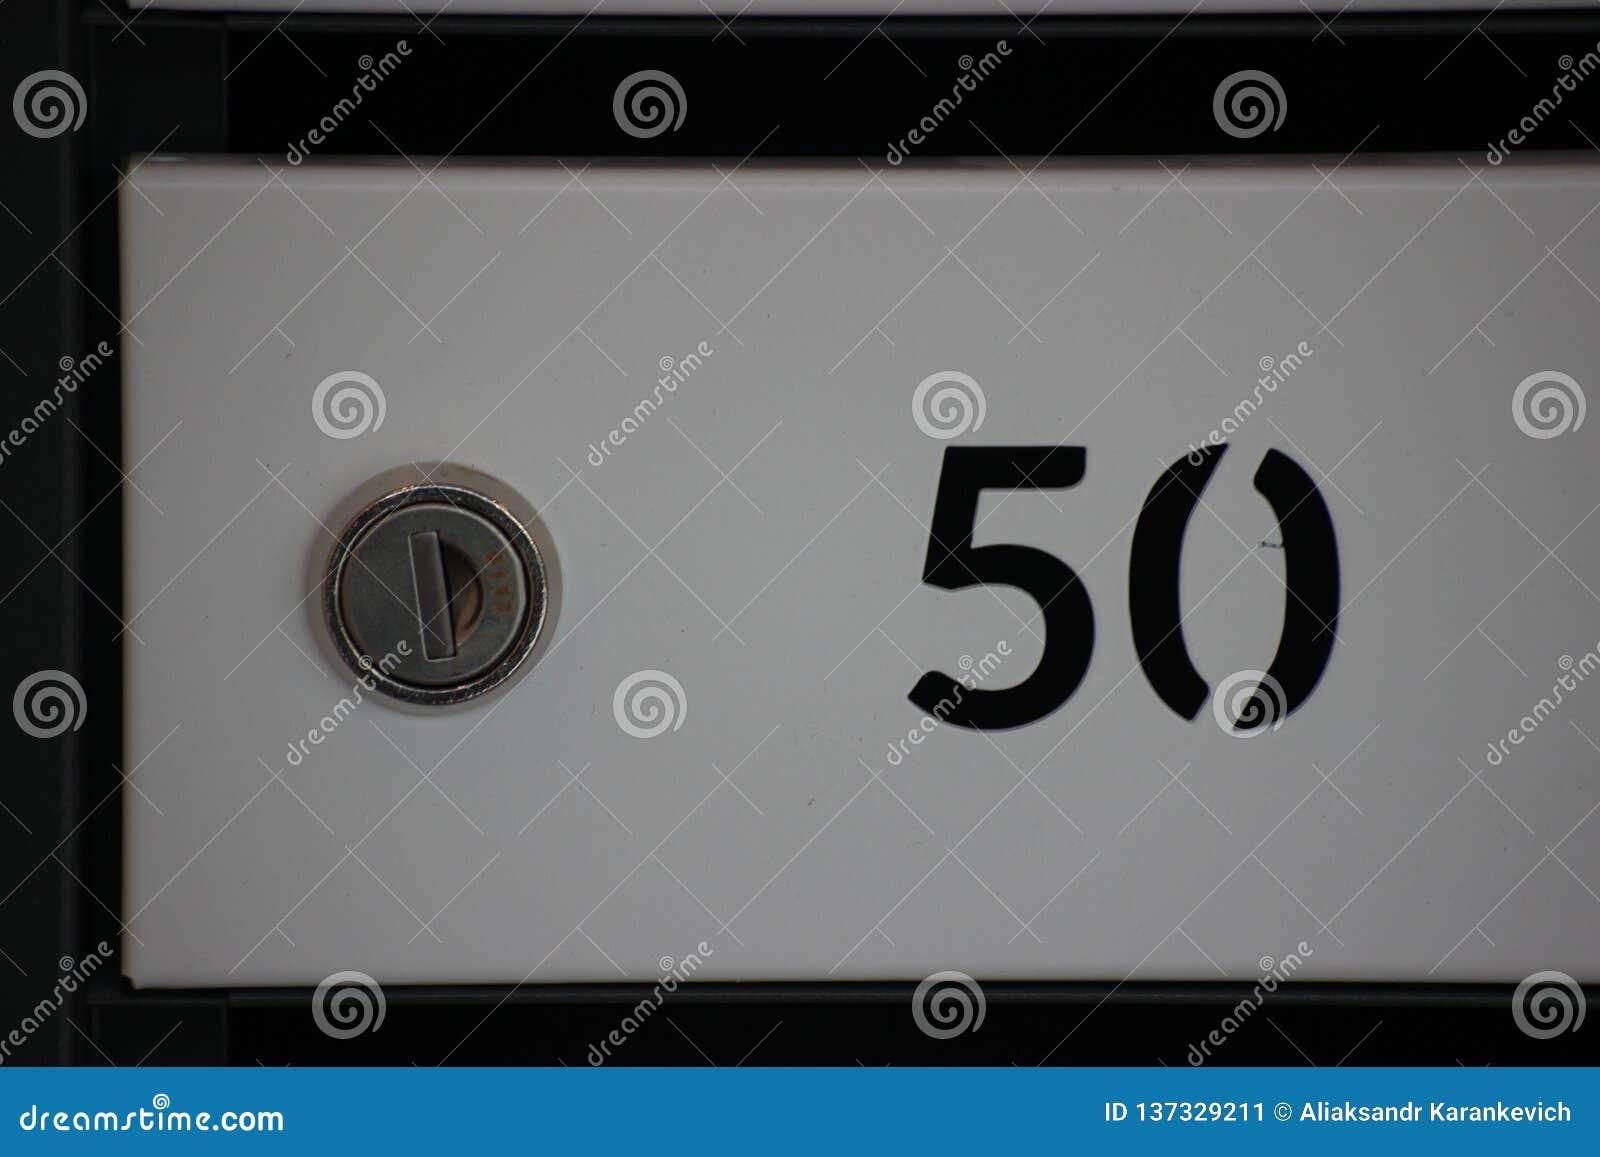 Κιβώτιο αριθμού για το ταχυδρομείο, ιδιαίτερη συλλογή των δεμάτων και των επιστολών και των εφημερίδων σε ένα multi-storey κτήριο